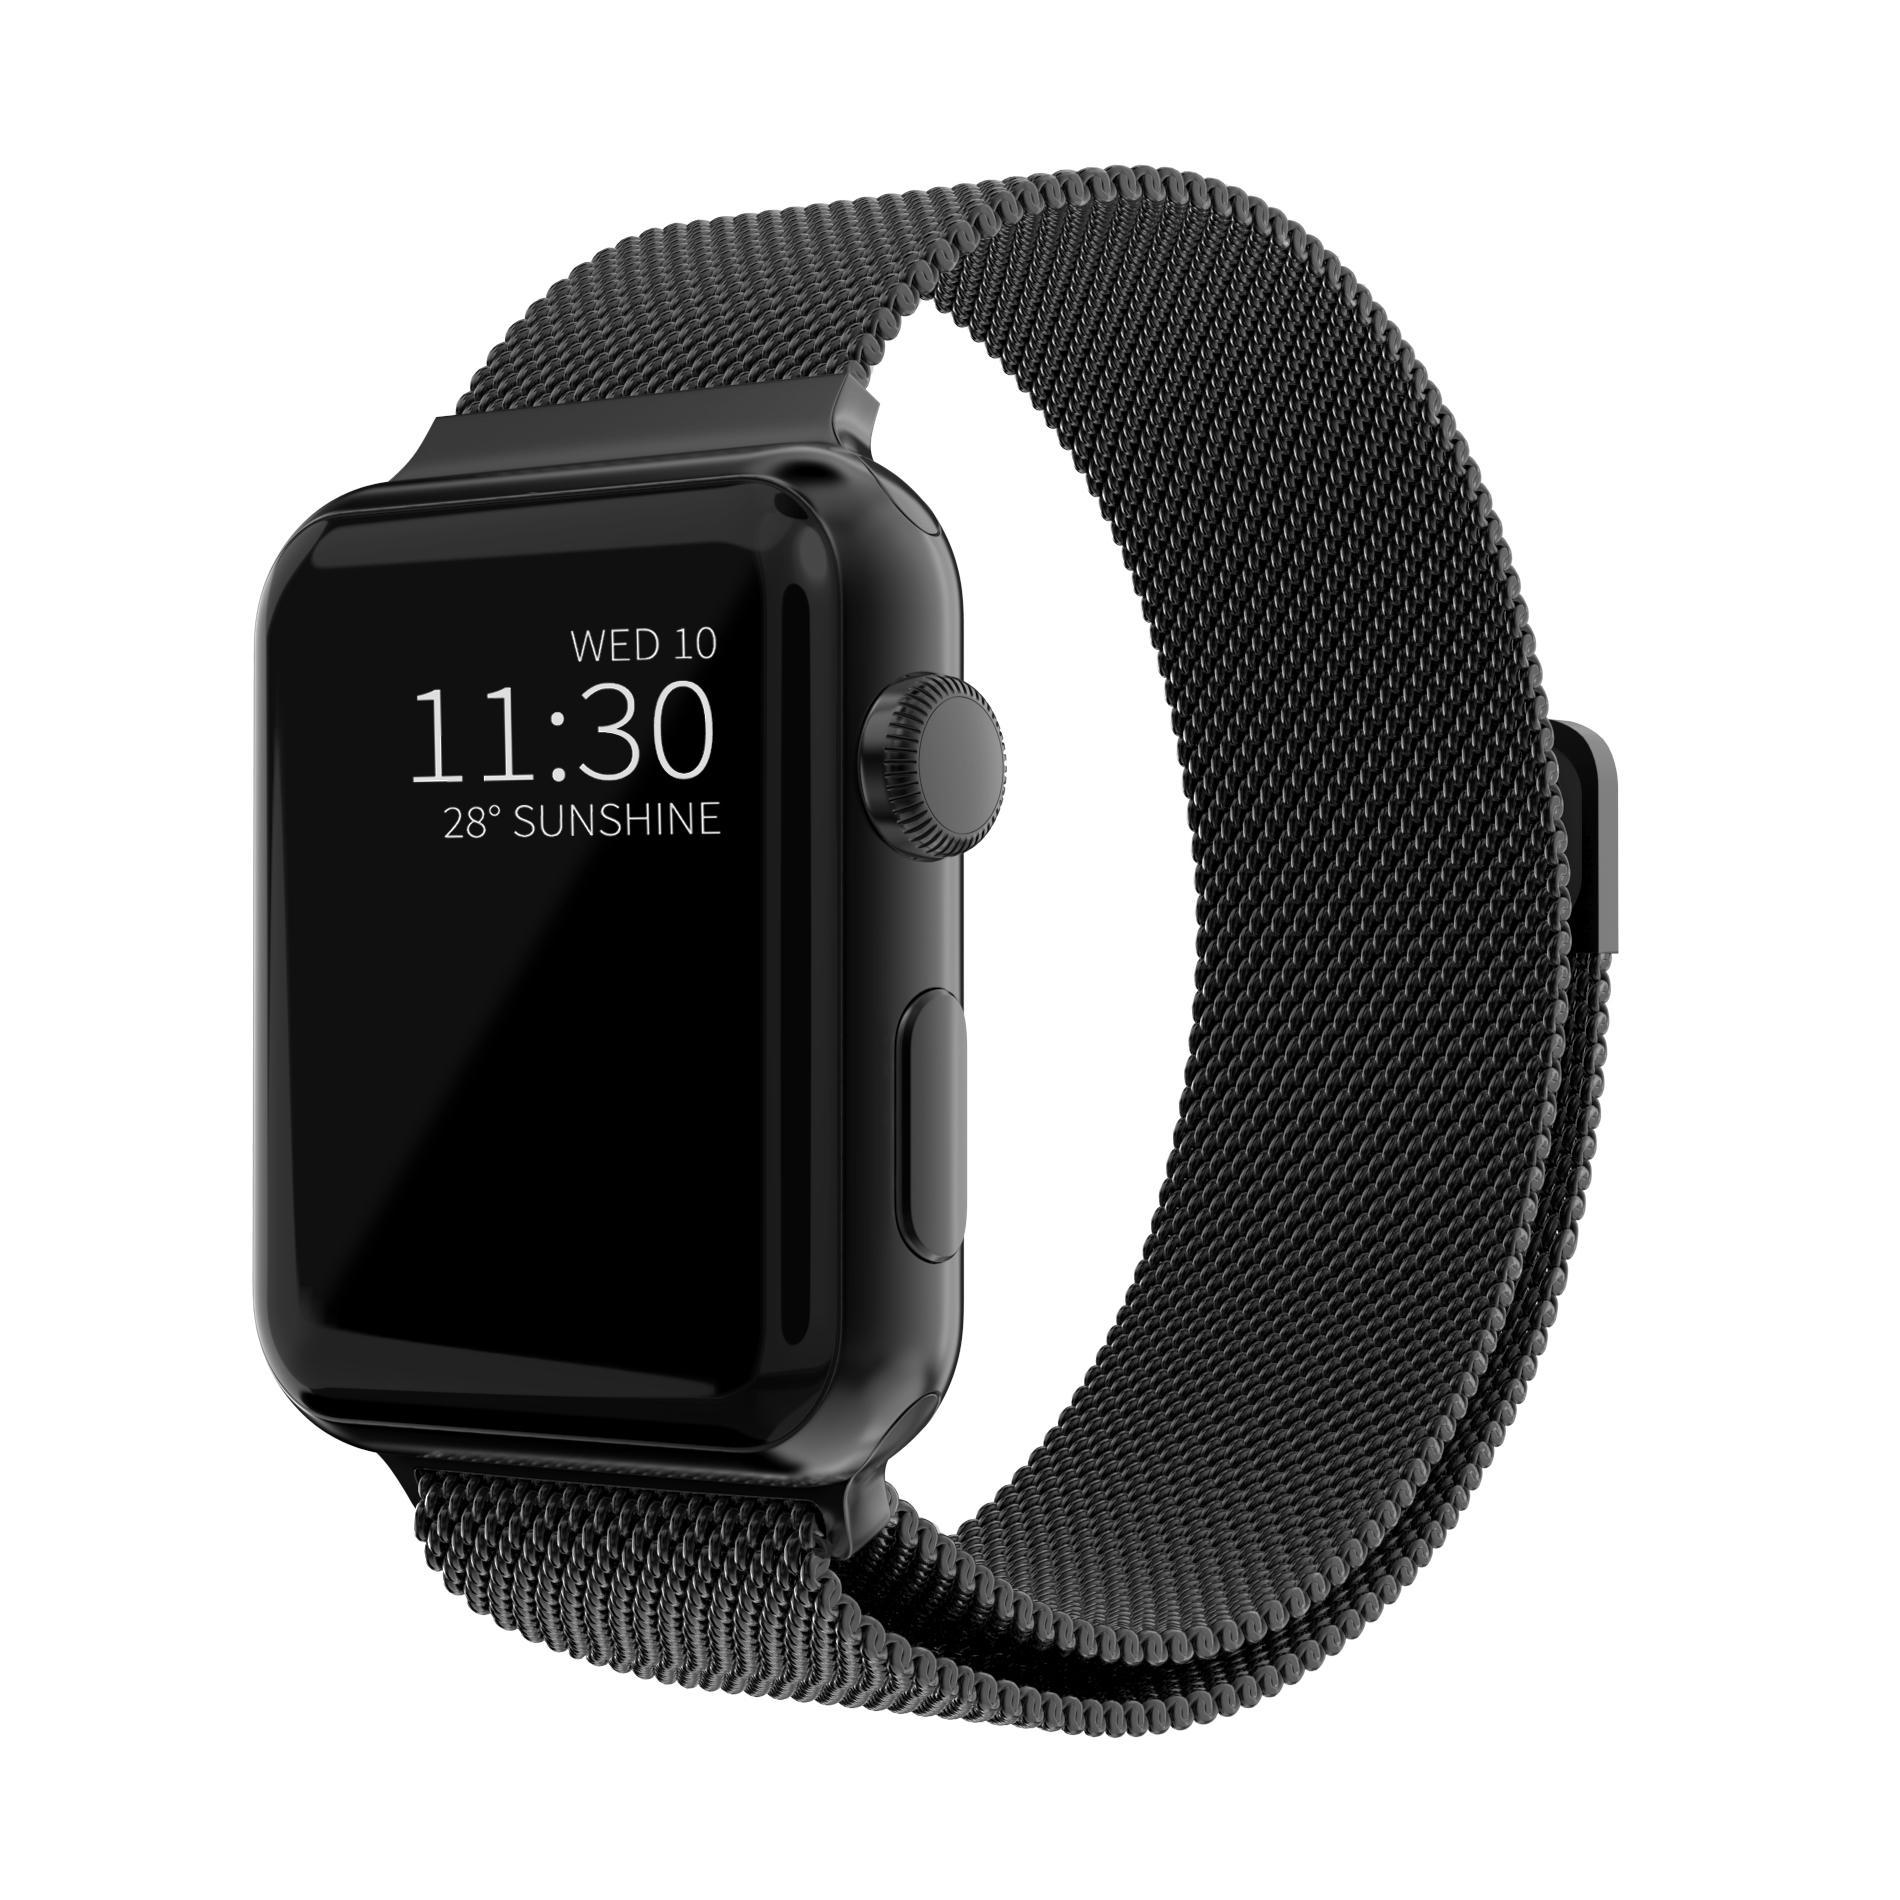 Armbånd Milanese Loop Apple Watch 38/40 mm svart